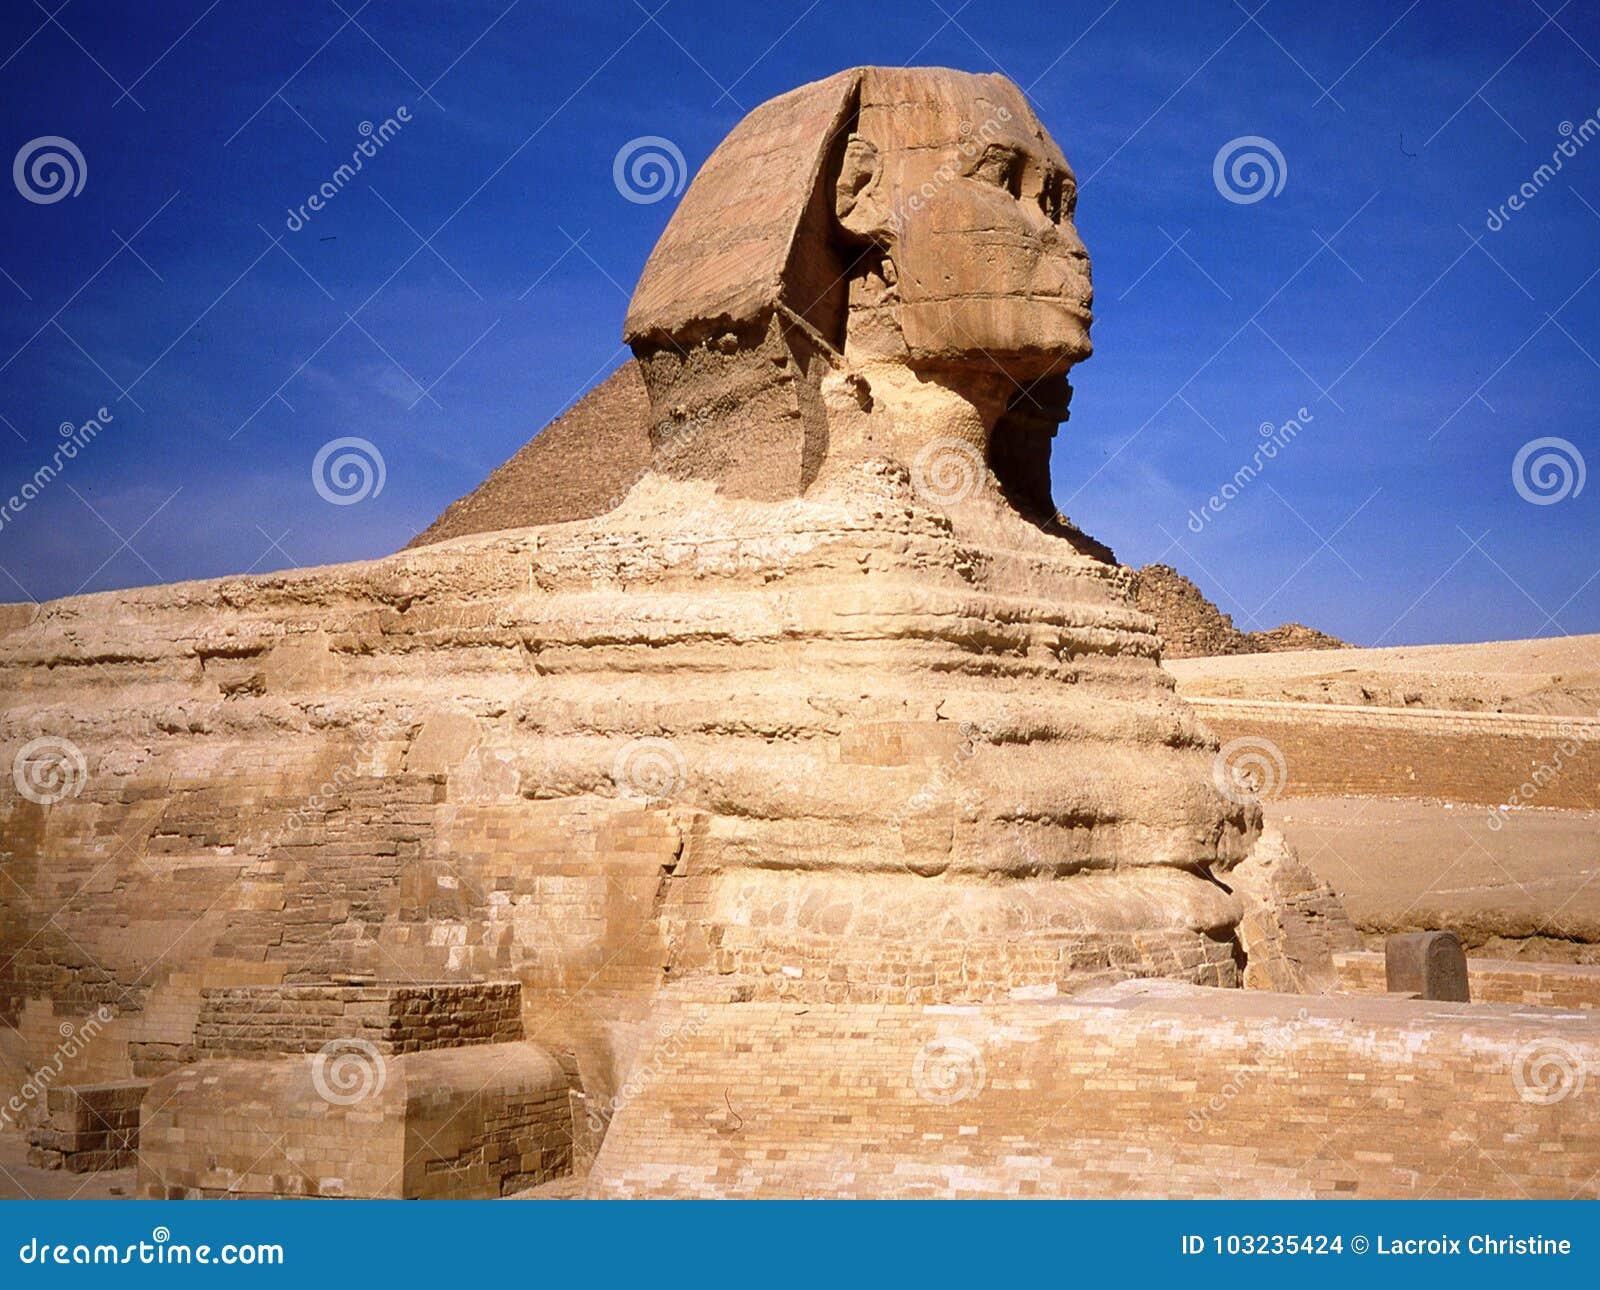 Le sphinx au Caire en Egypte